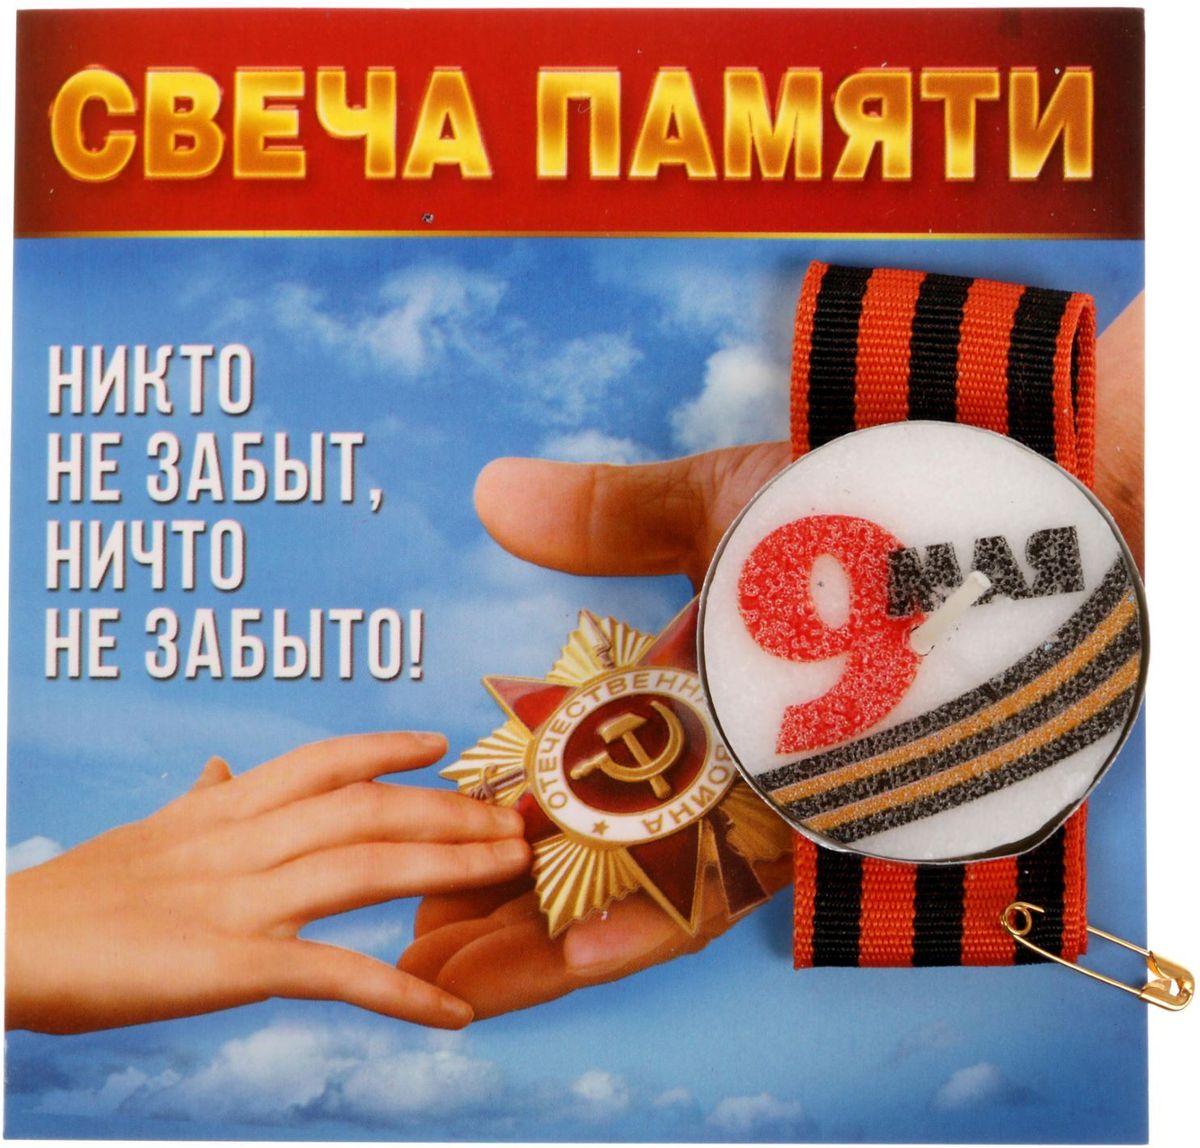 Свеча Sima-land 9 Мая. Никто не забыт, ничто не забыто, с лентойRG-D31SЕжегодно 9 Мая в каждом городе России проходит акция, во время которой люди зажигают огоньки и замирают в минуте молчания возле мест воинской славы, у мемориалов и памятников. Каждый может присоединиться: зажечь свечу в память о погибших за Великую Победу и приколоть на грудь её символ — георгиевскую ленту.